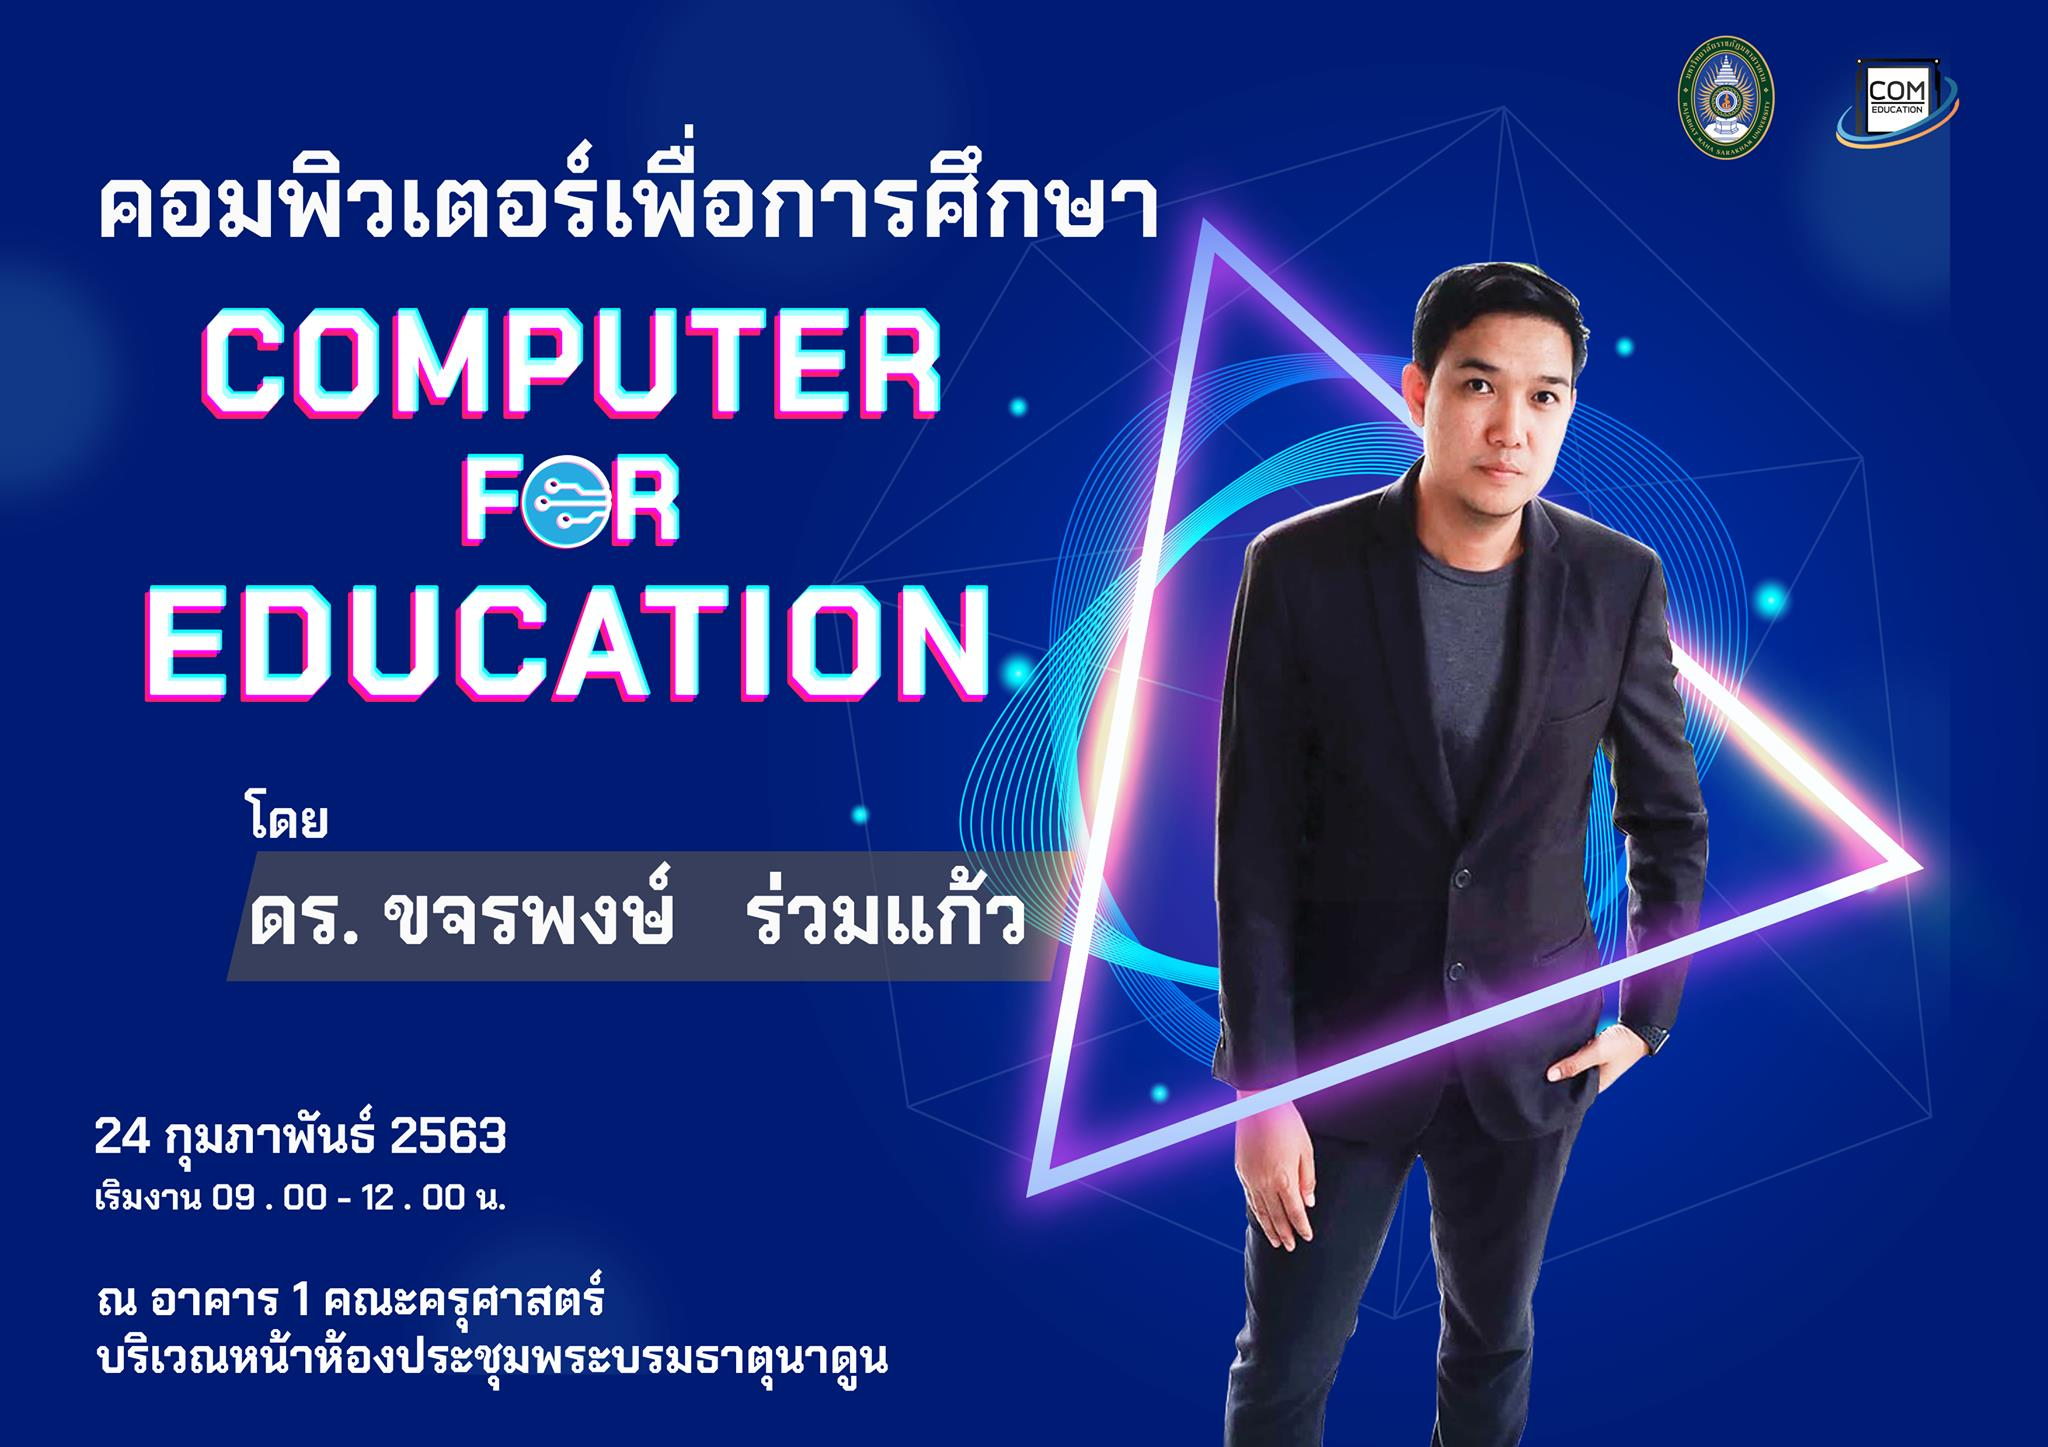 ขอเชิญนักศึกษาทุกคนเข้าร่วมนิทรรศการคอมพิวเตอร์เพื่อการศึกษา